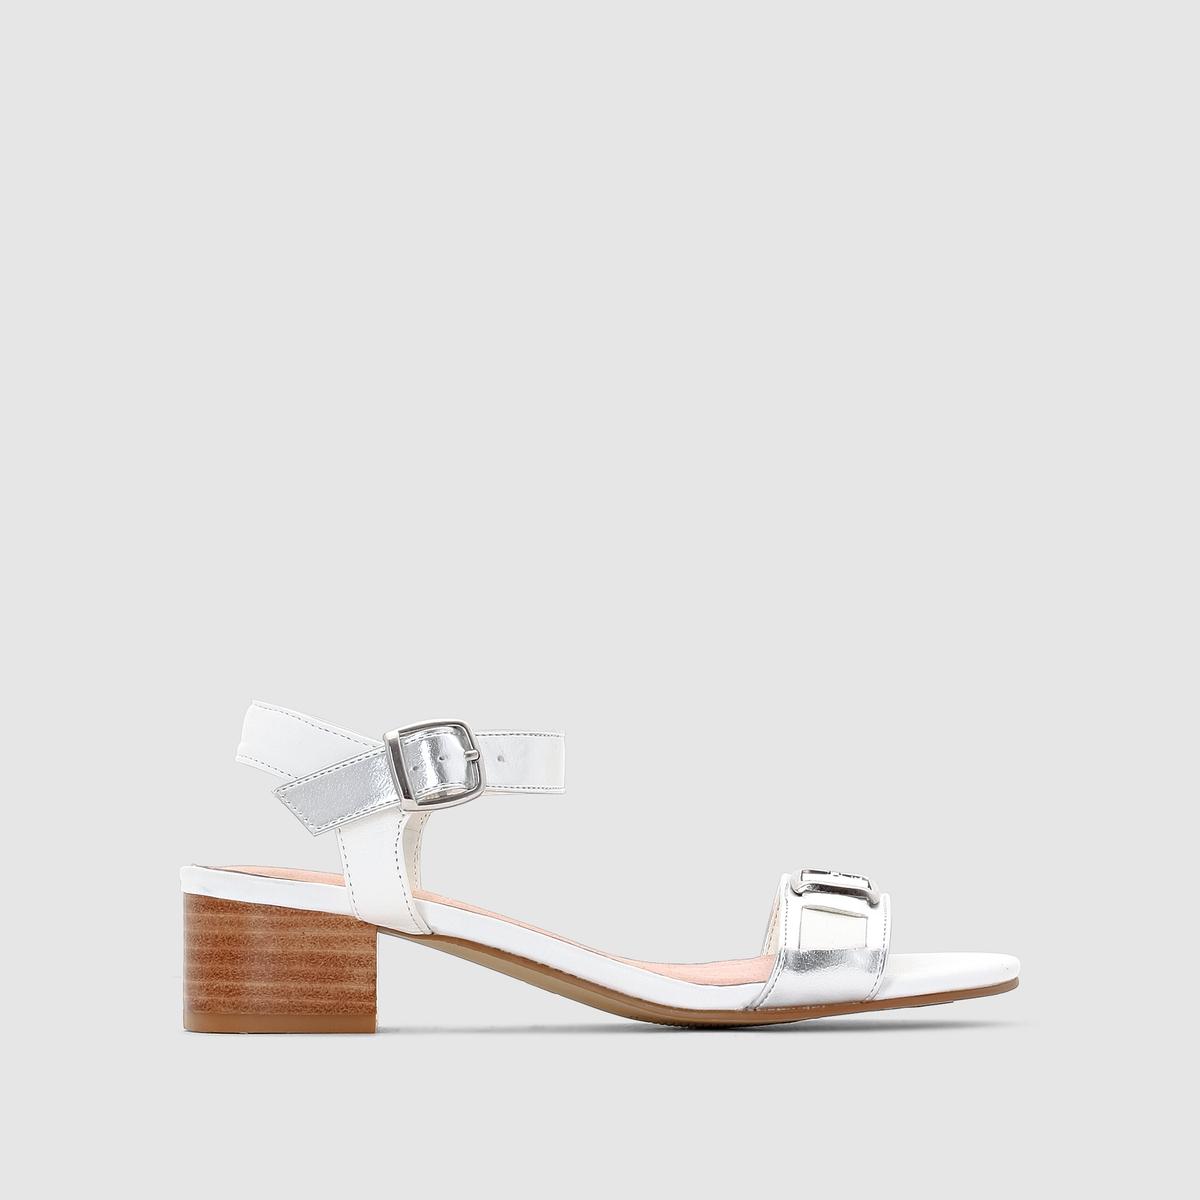 Босоножки кожаные на широком каблуке от ANNE WEYBURN